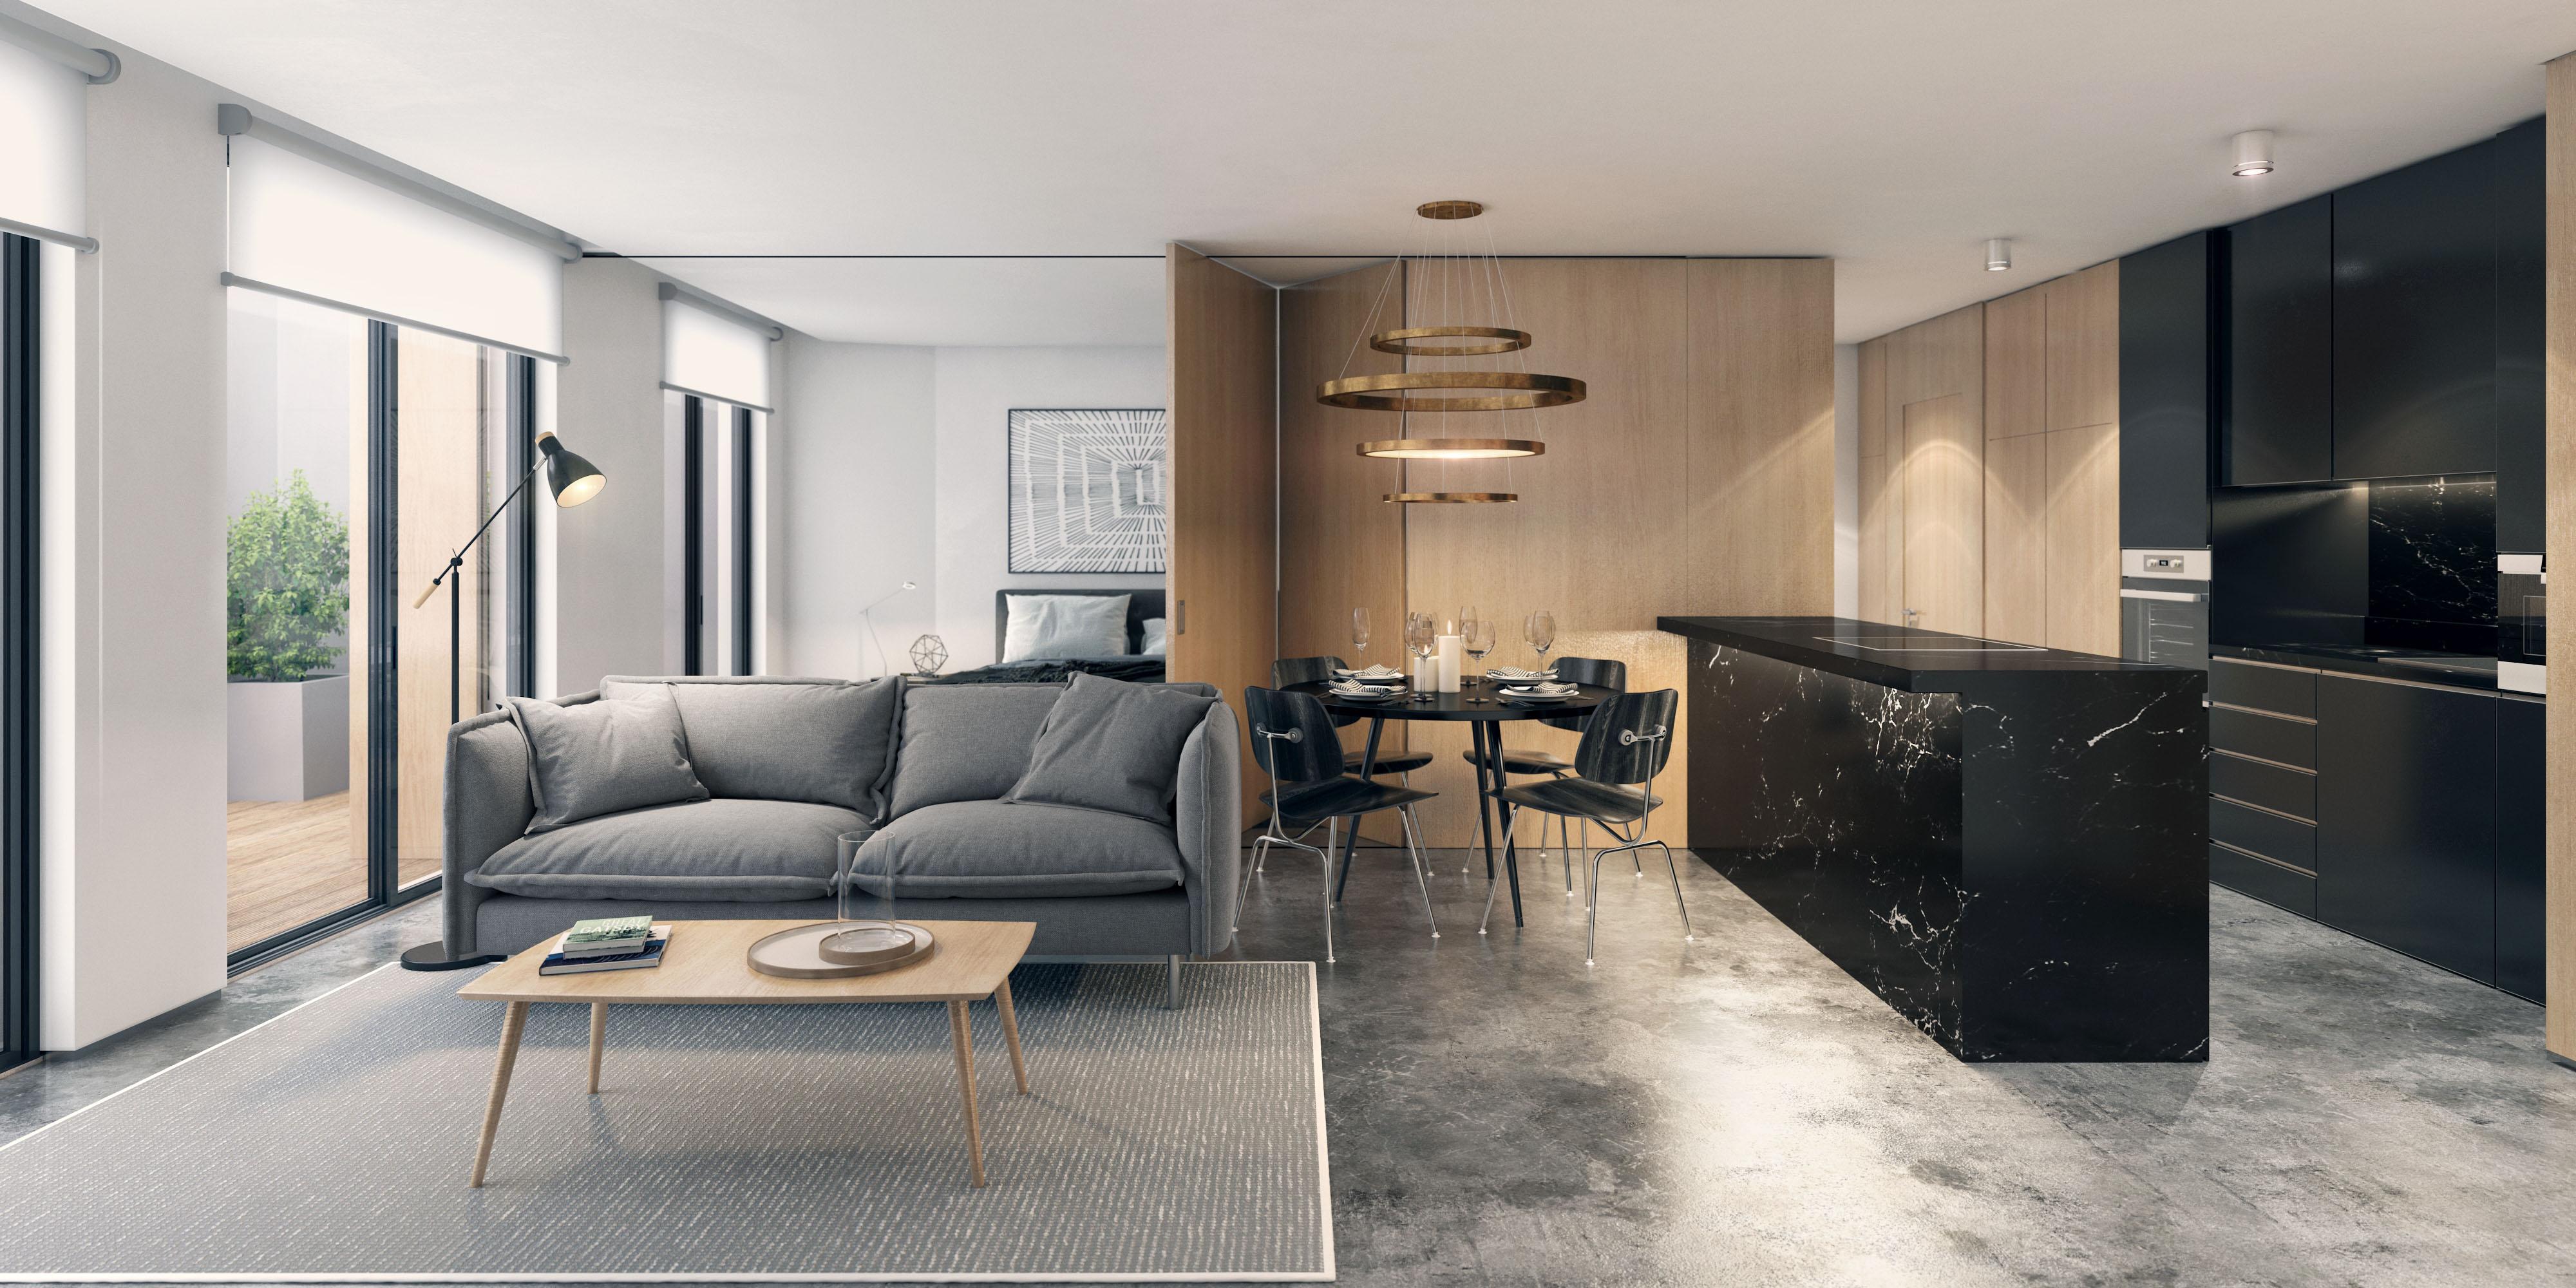 Cozinha e sala de estar / Porta da Frente|Christie's